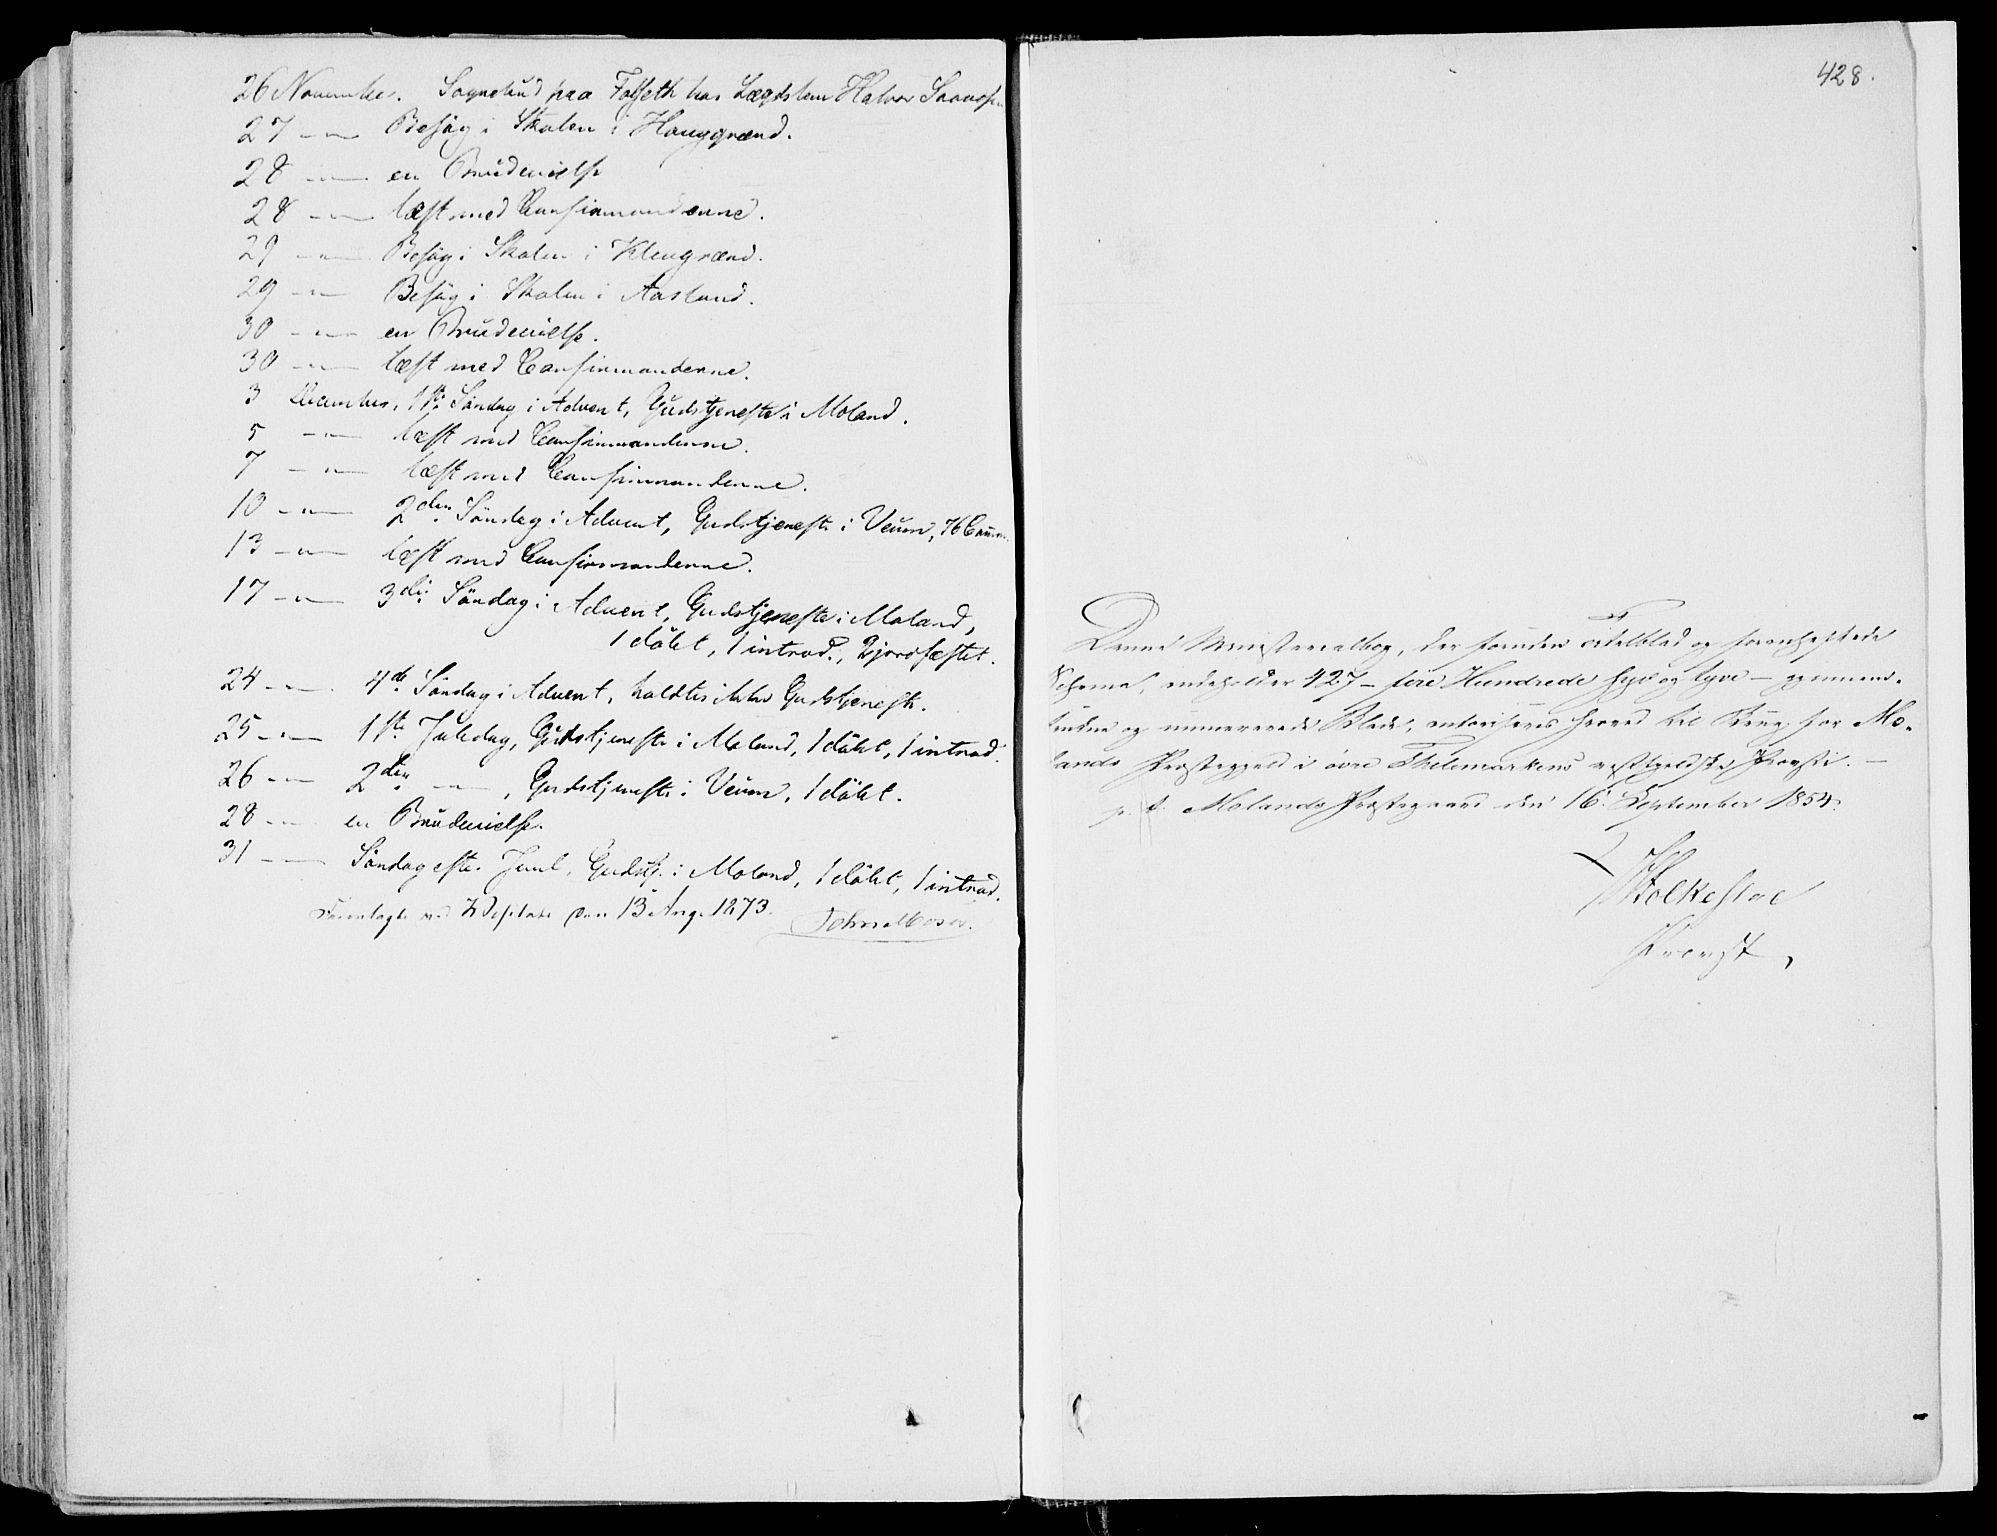 SAKO, Fyresdal kirkebøker, F/Fa/L0005: Ministerialbok nr. I 5, 1855-1871, s. 428